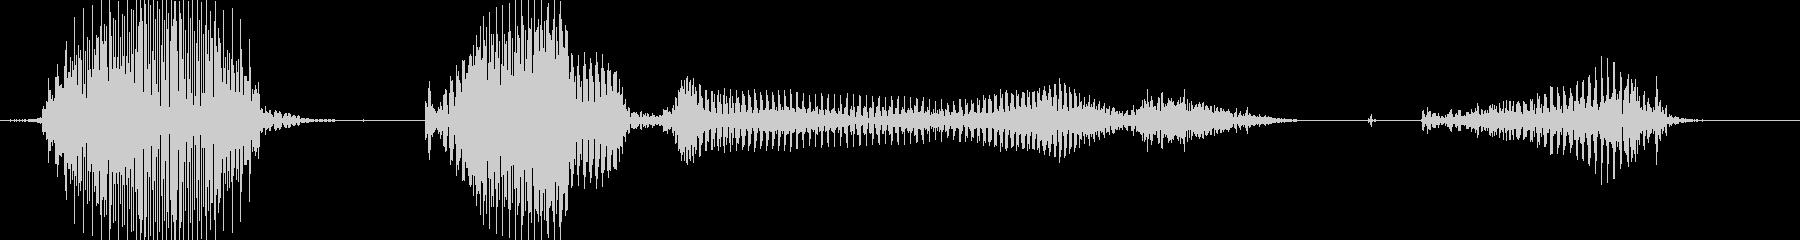 わかりましたの未再生の波形